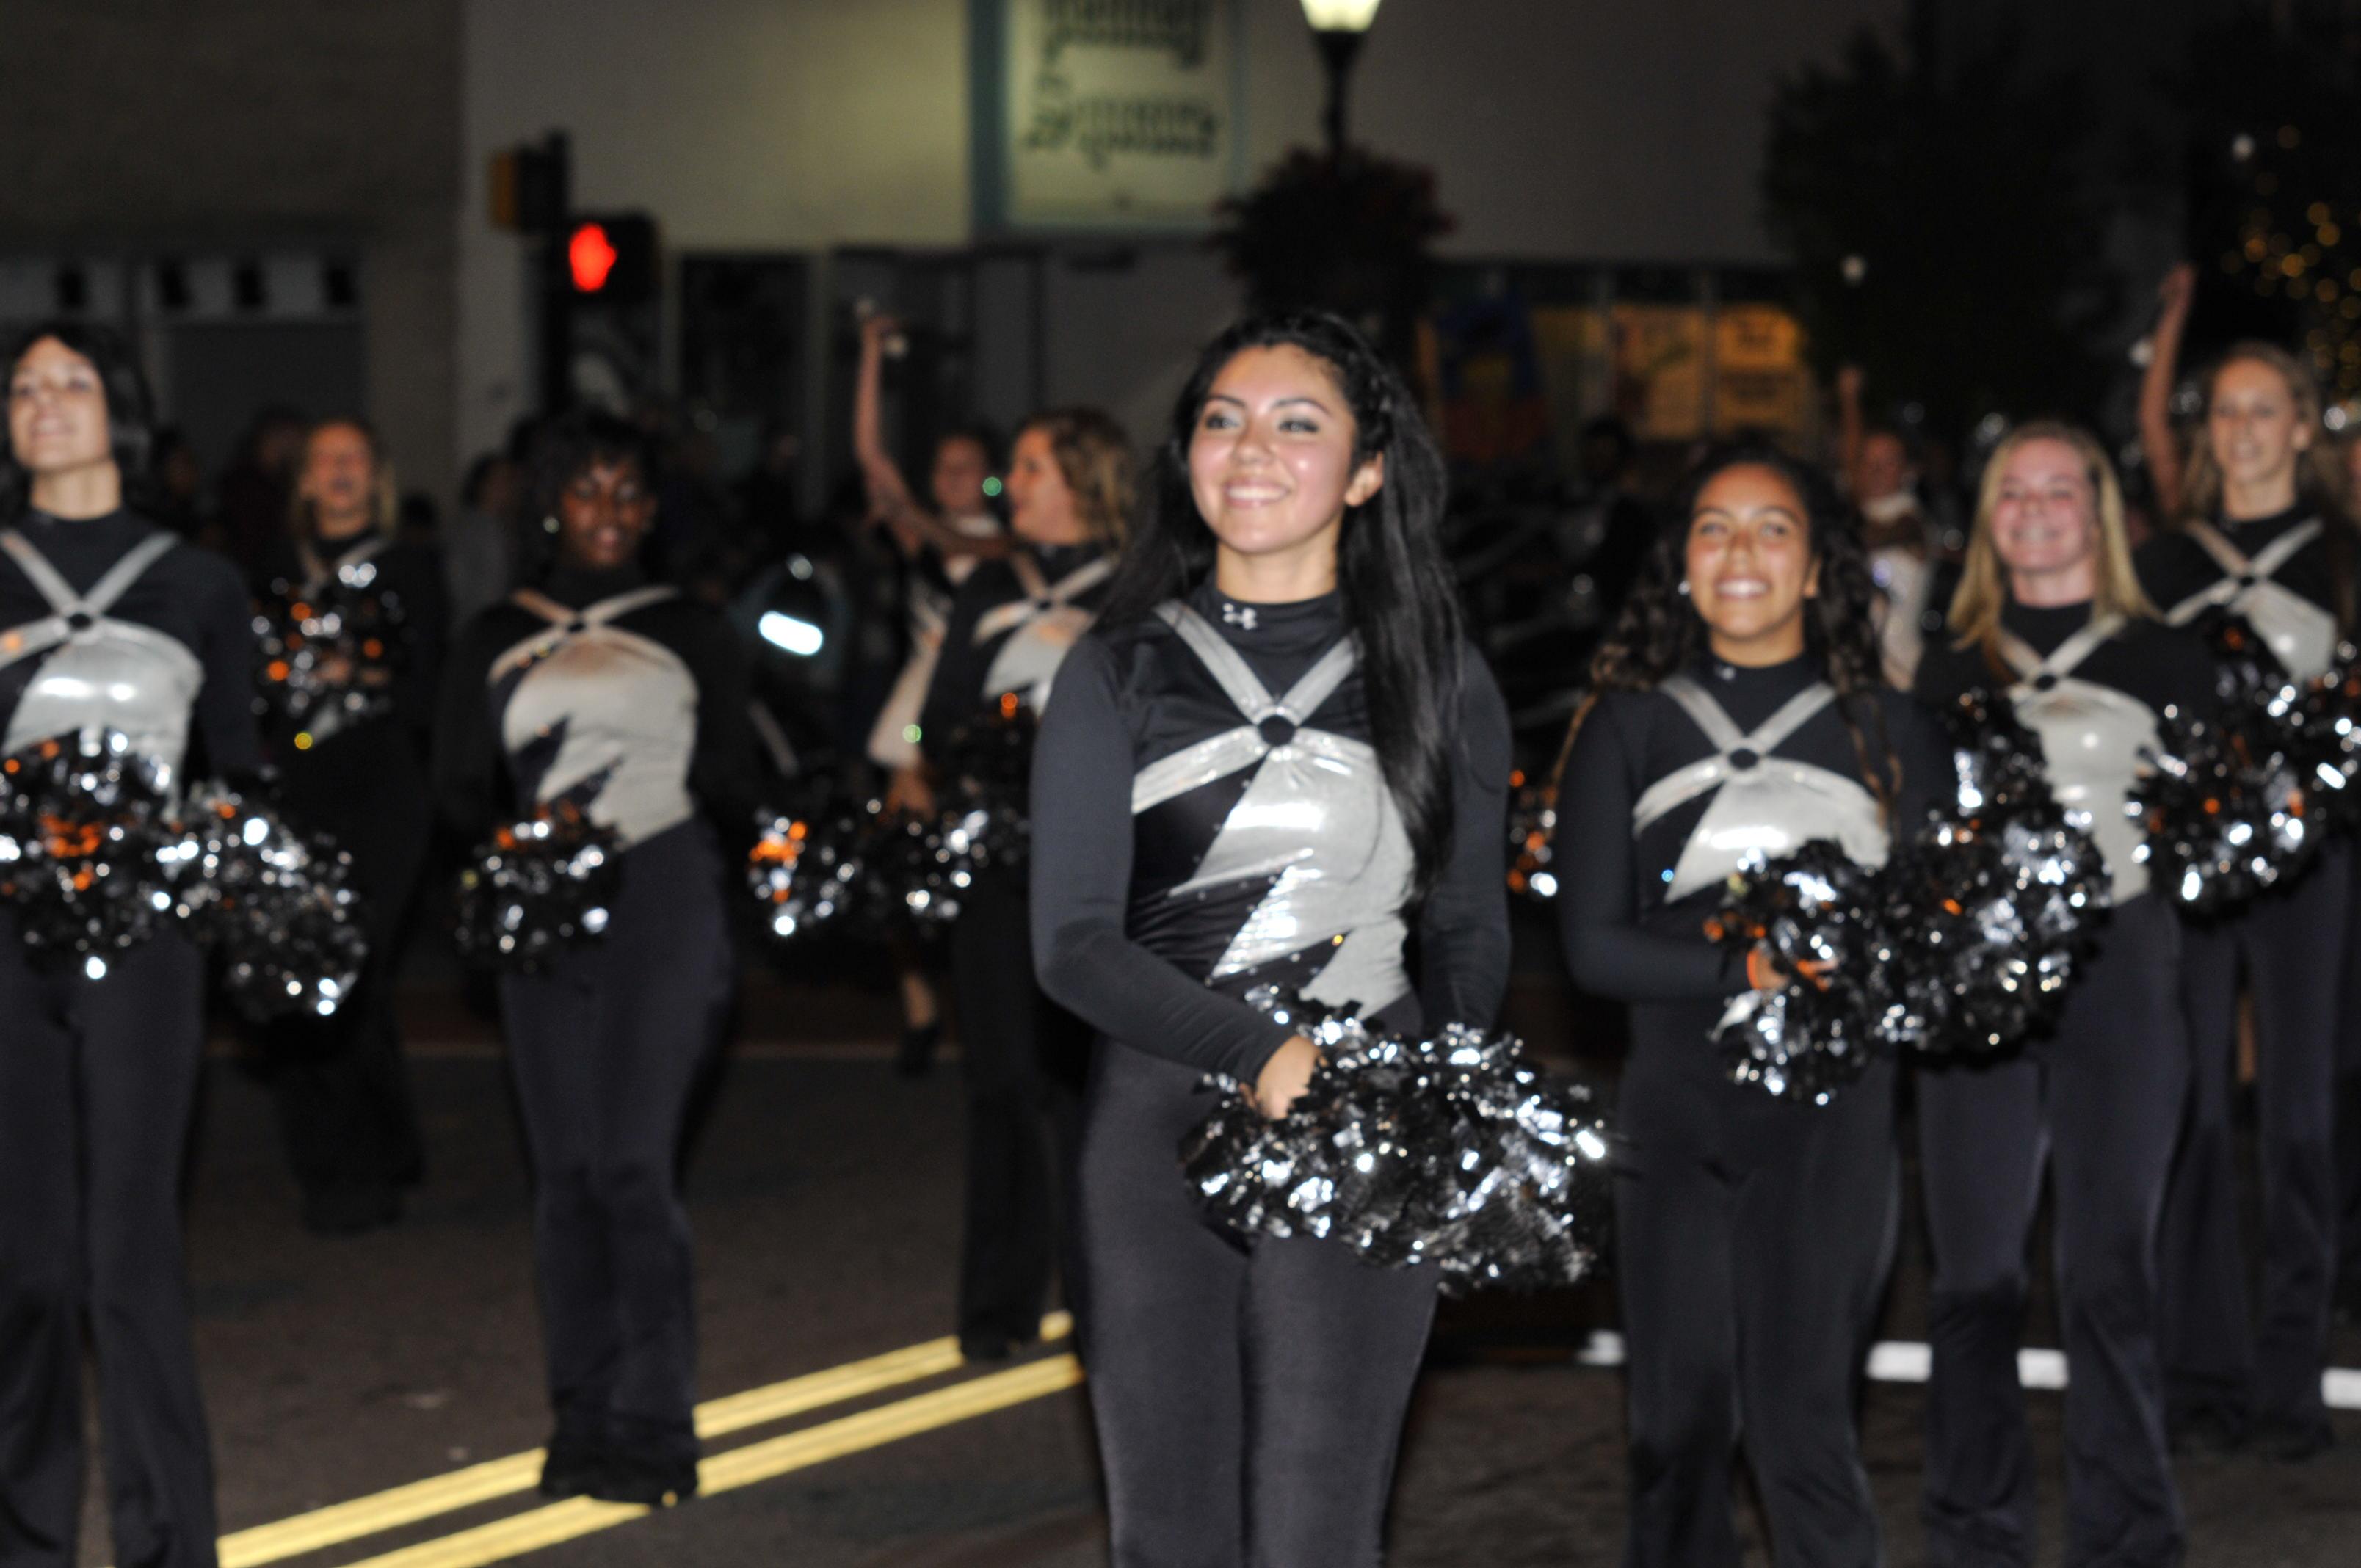 Community Parade   Milford, DE - Official Website